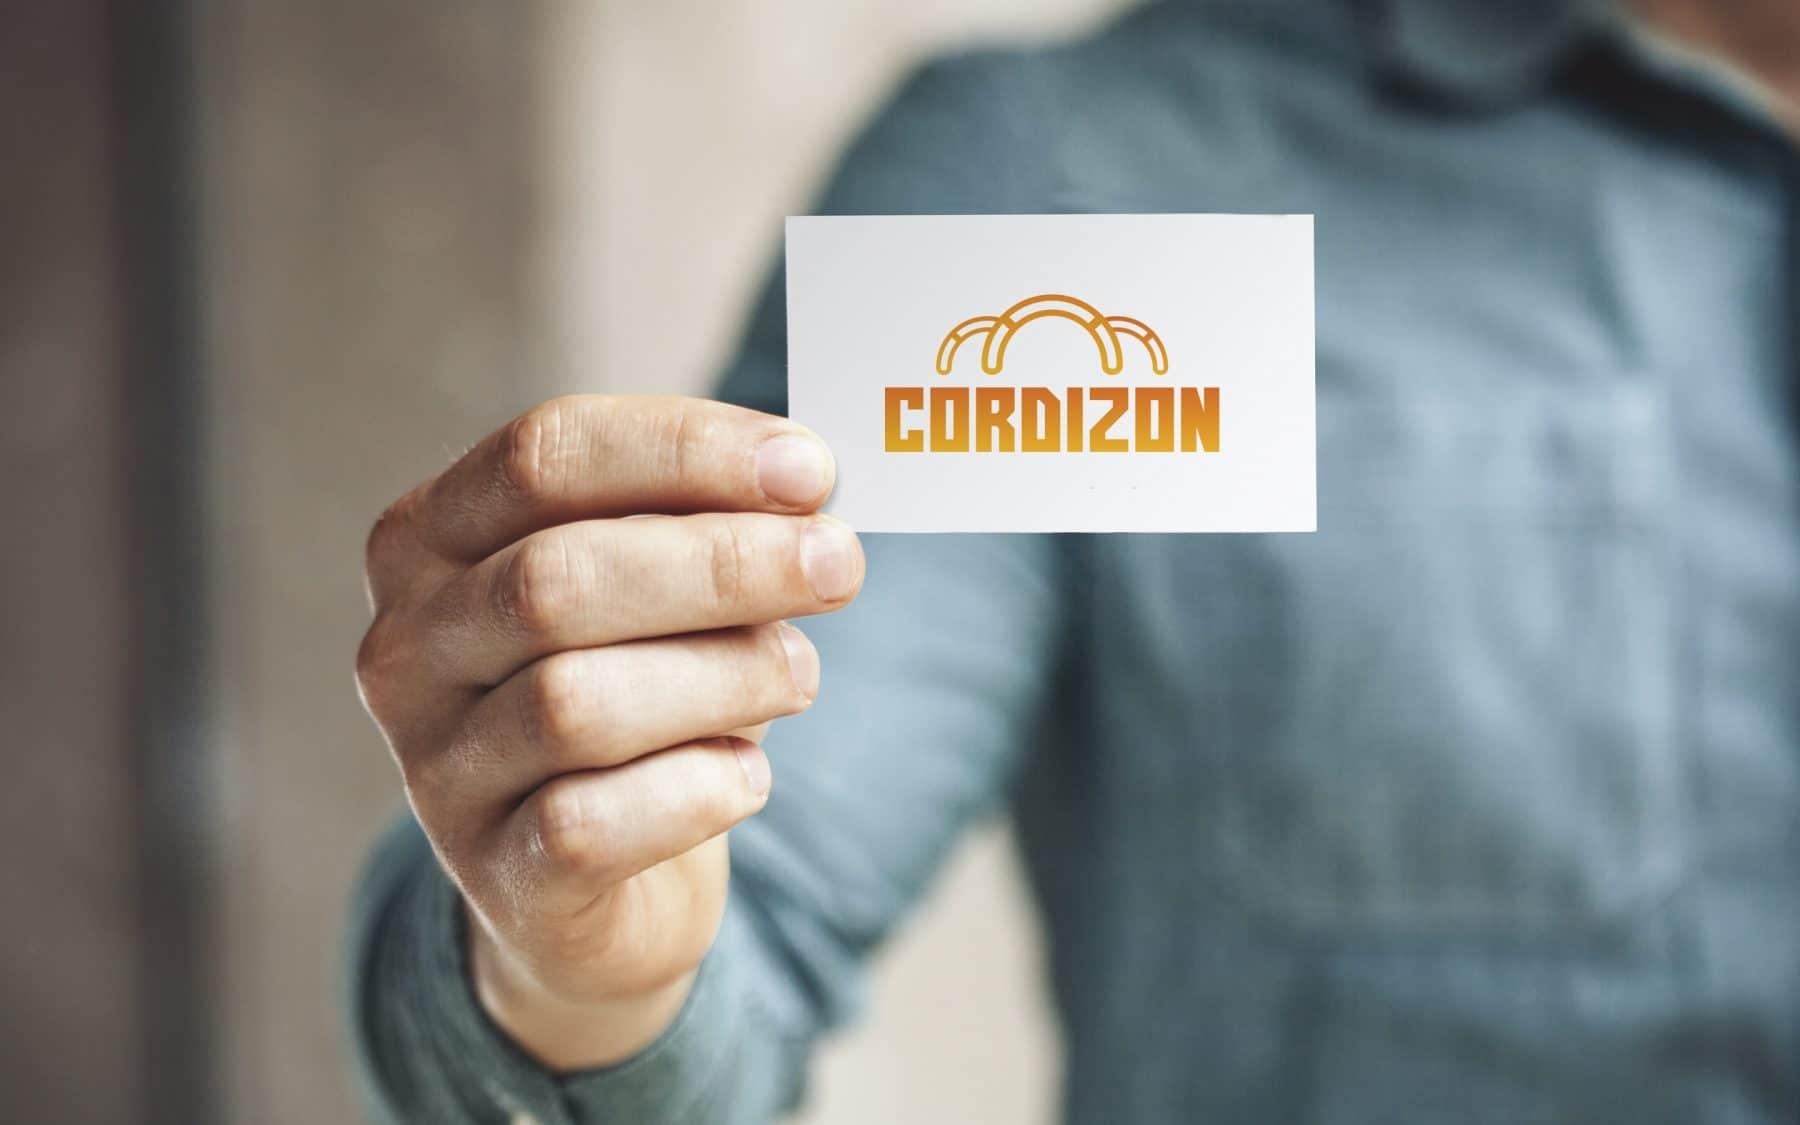 Cordizon 1